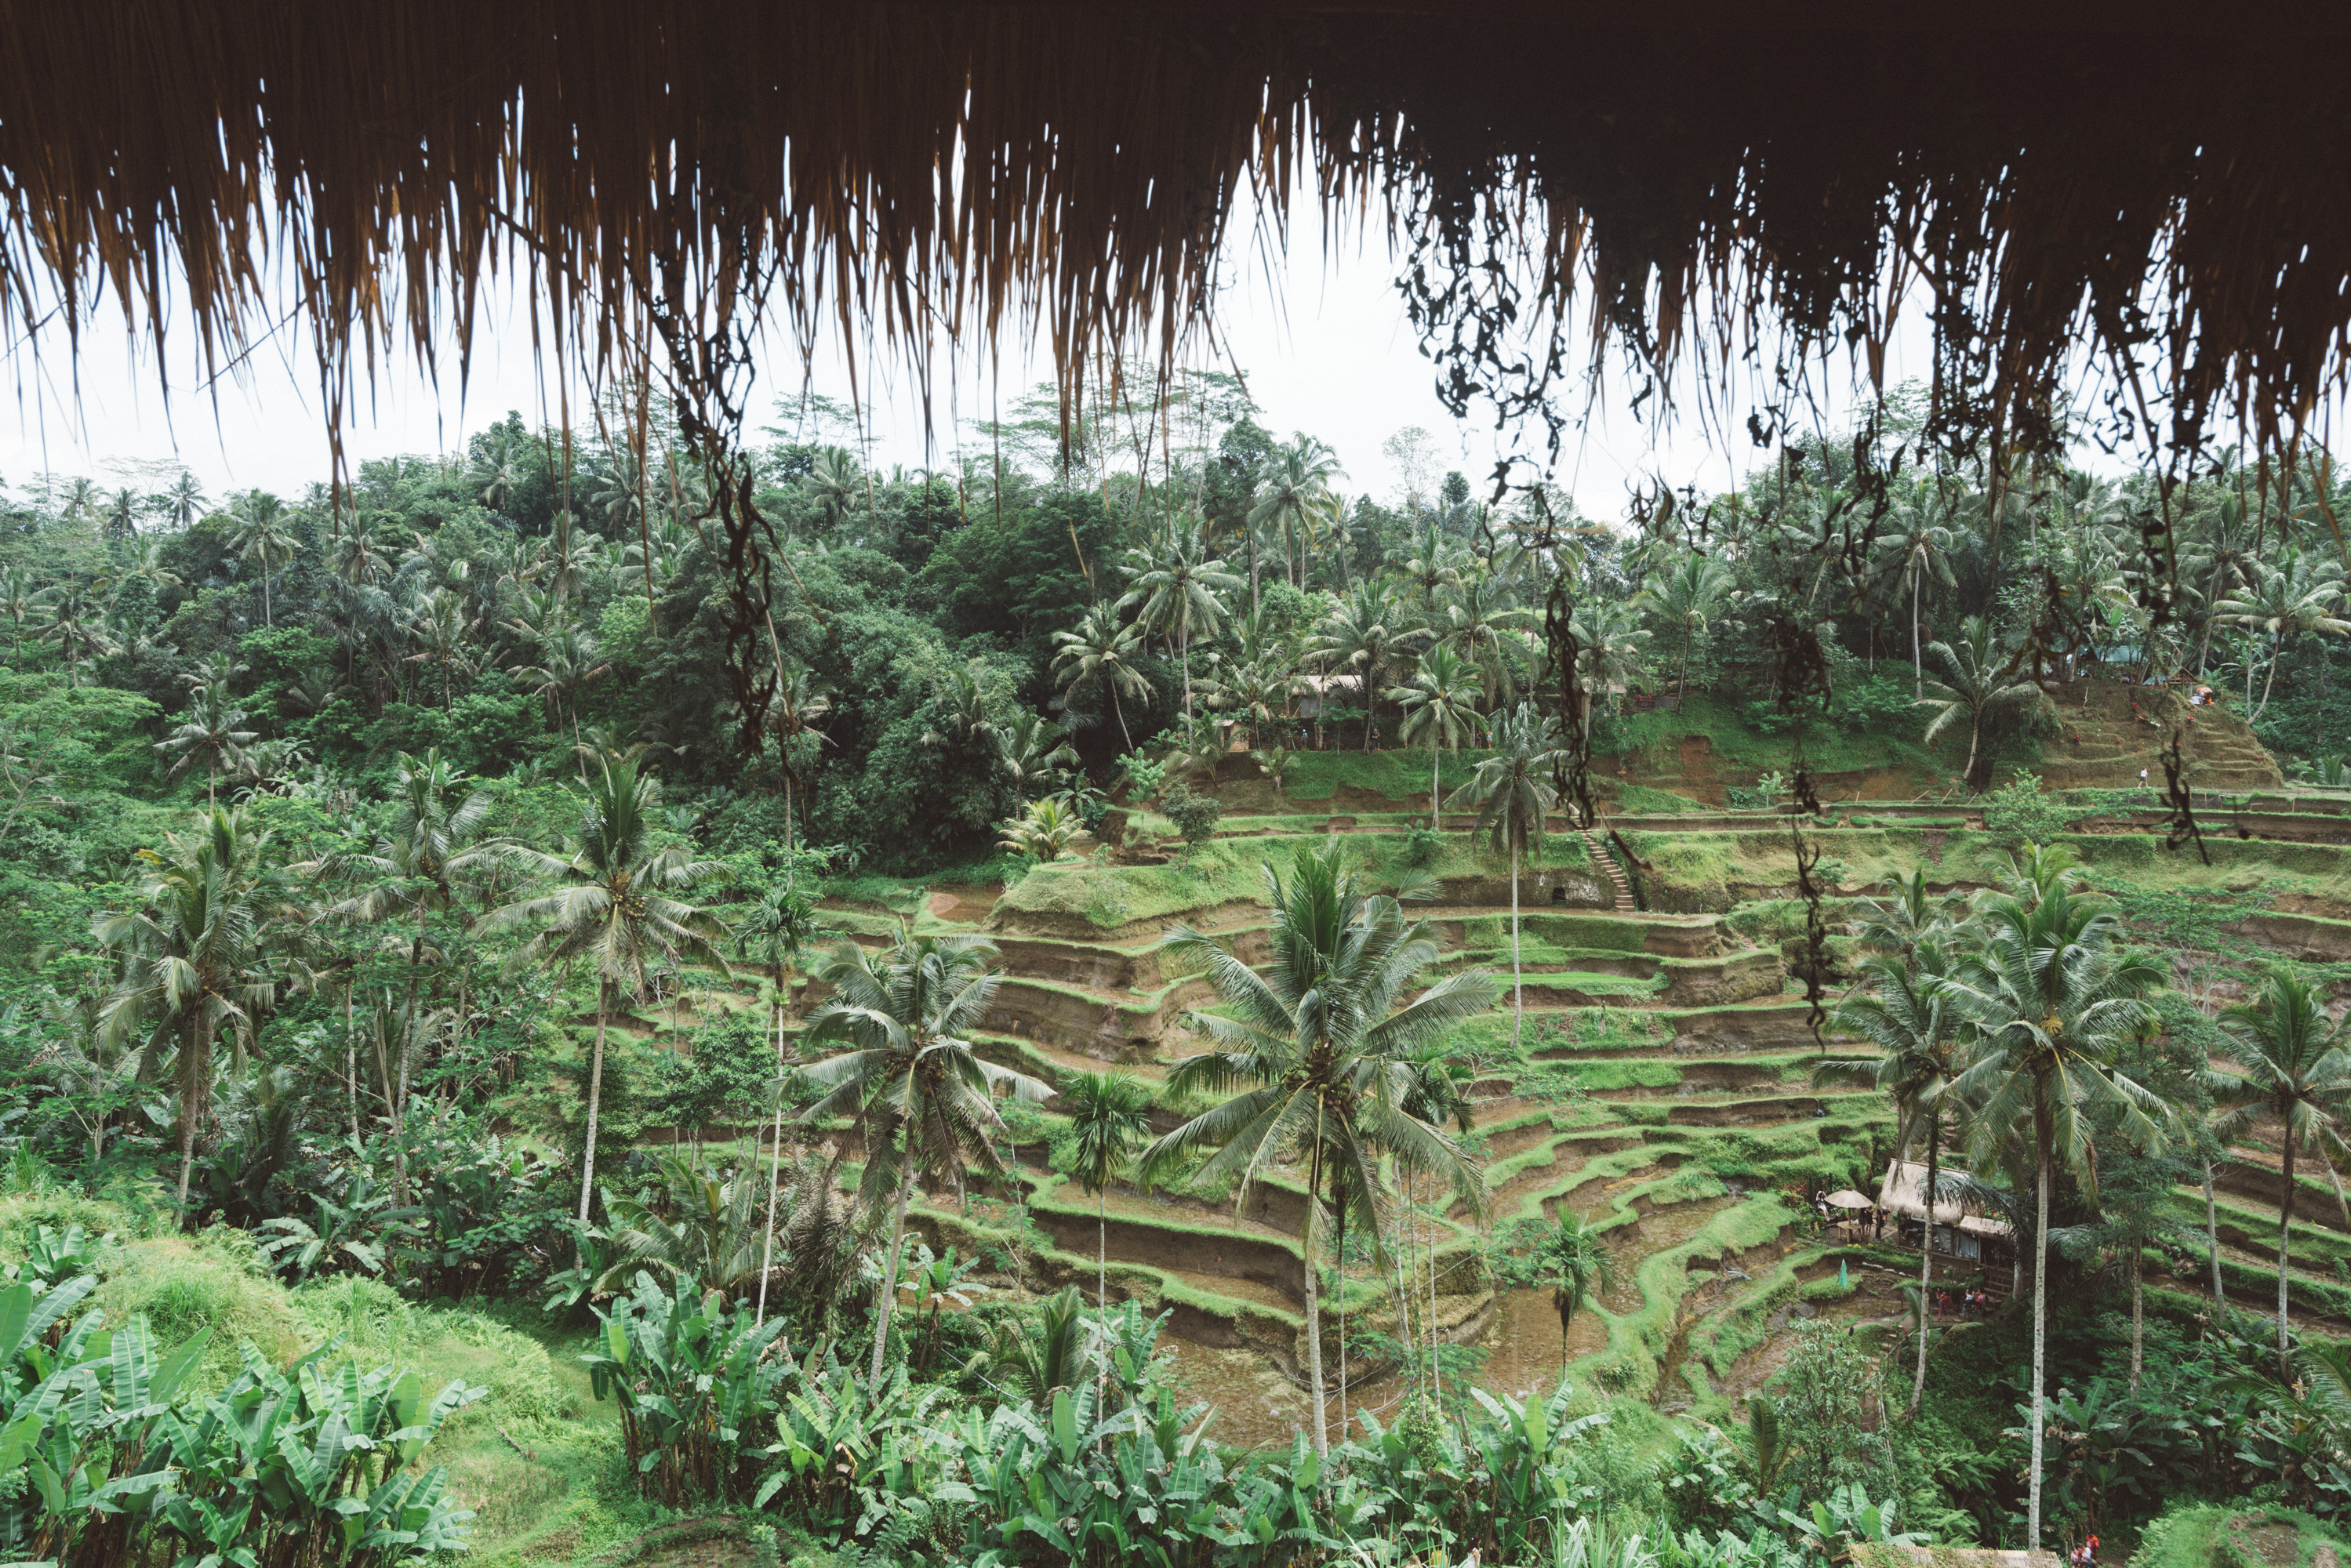 rice paddy field in Bali [David Tan]